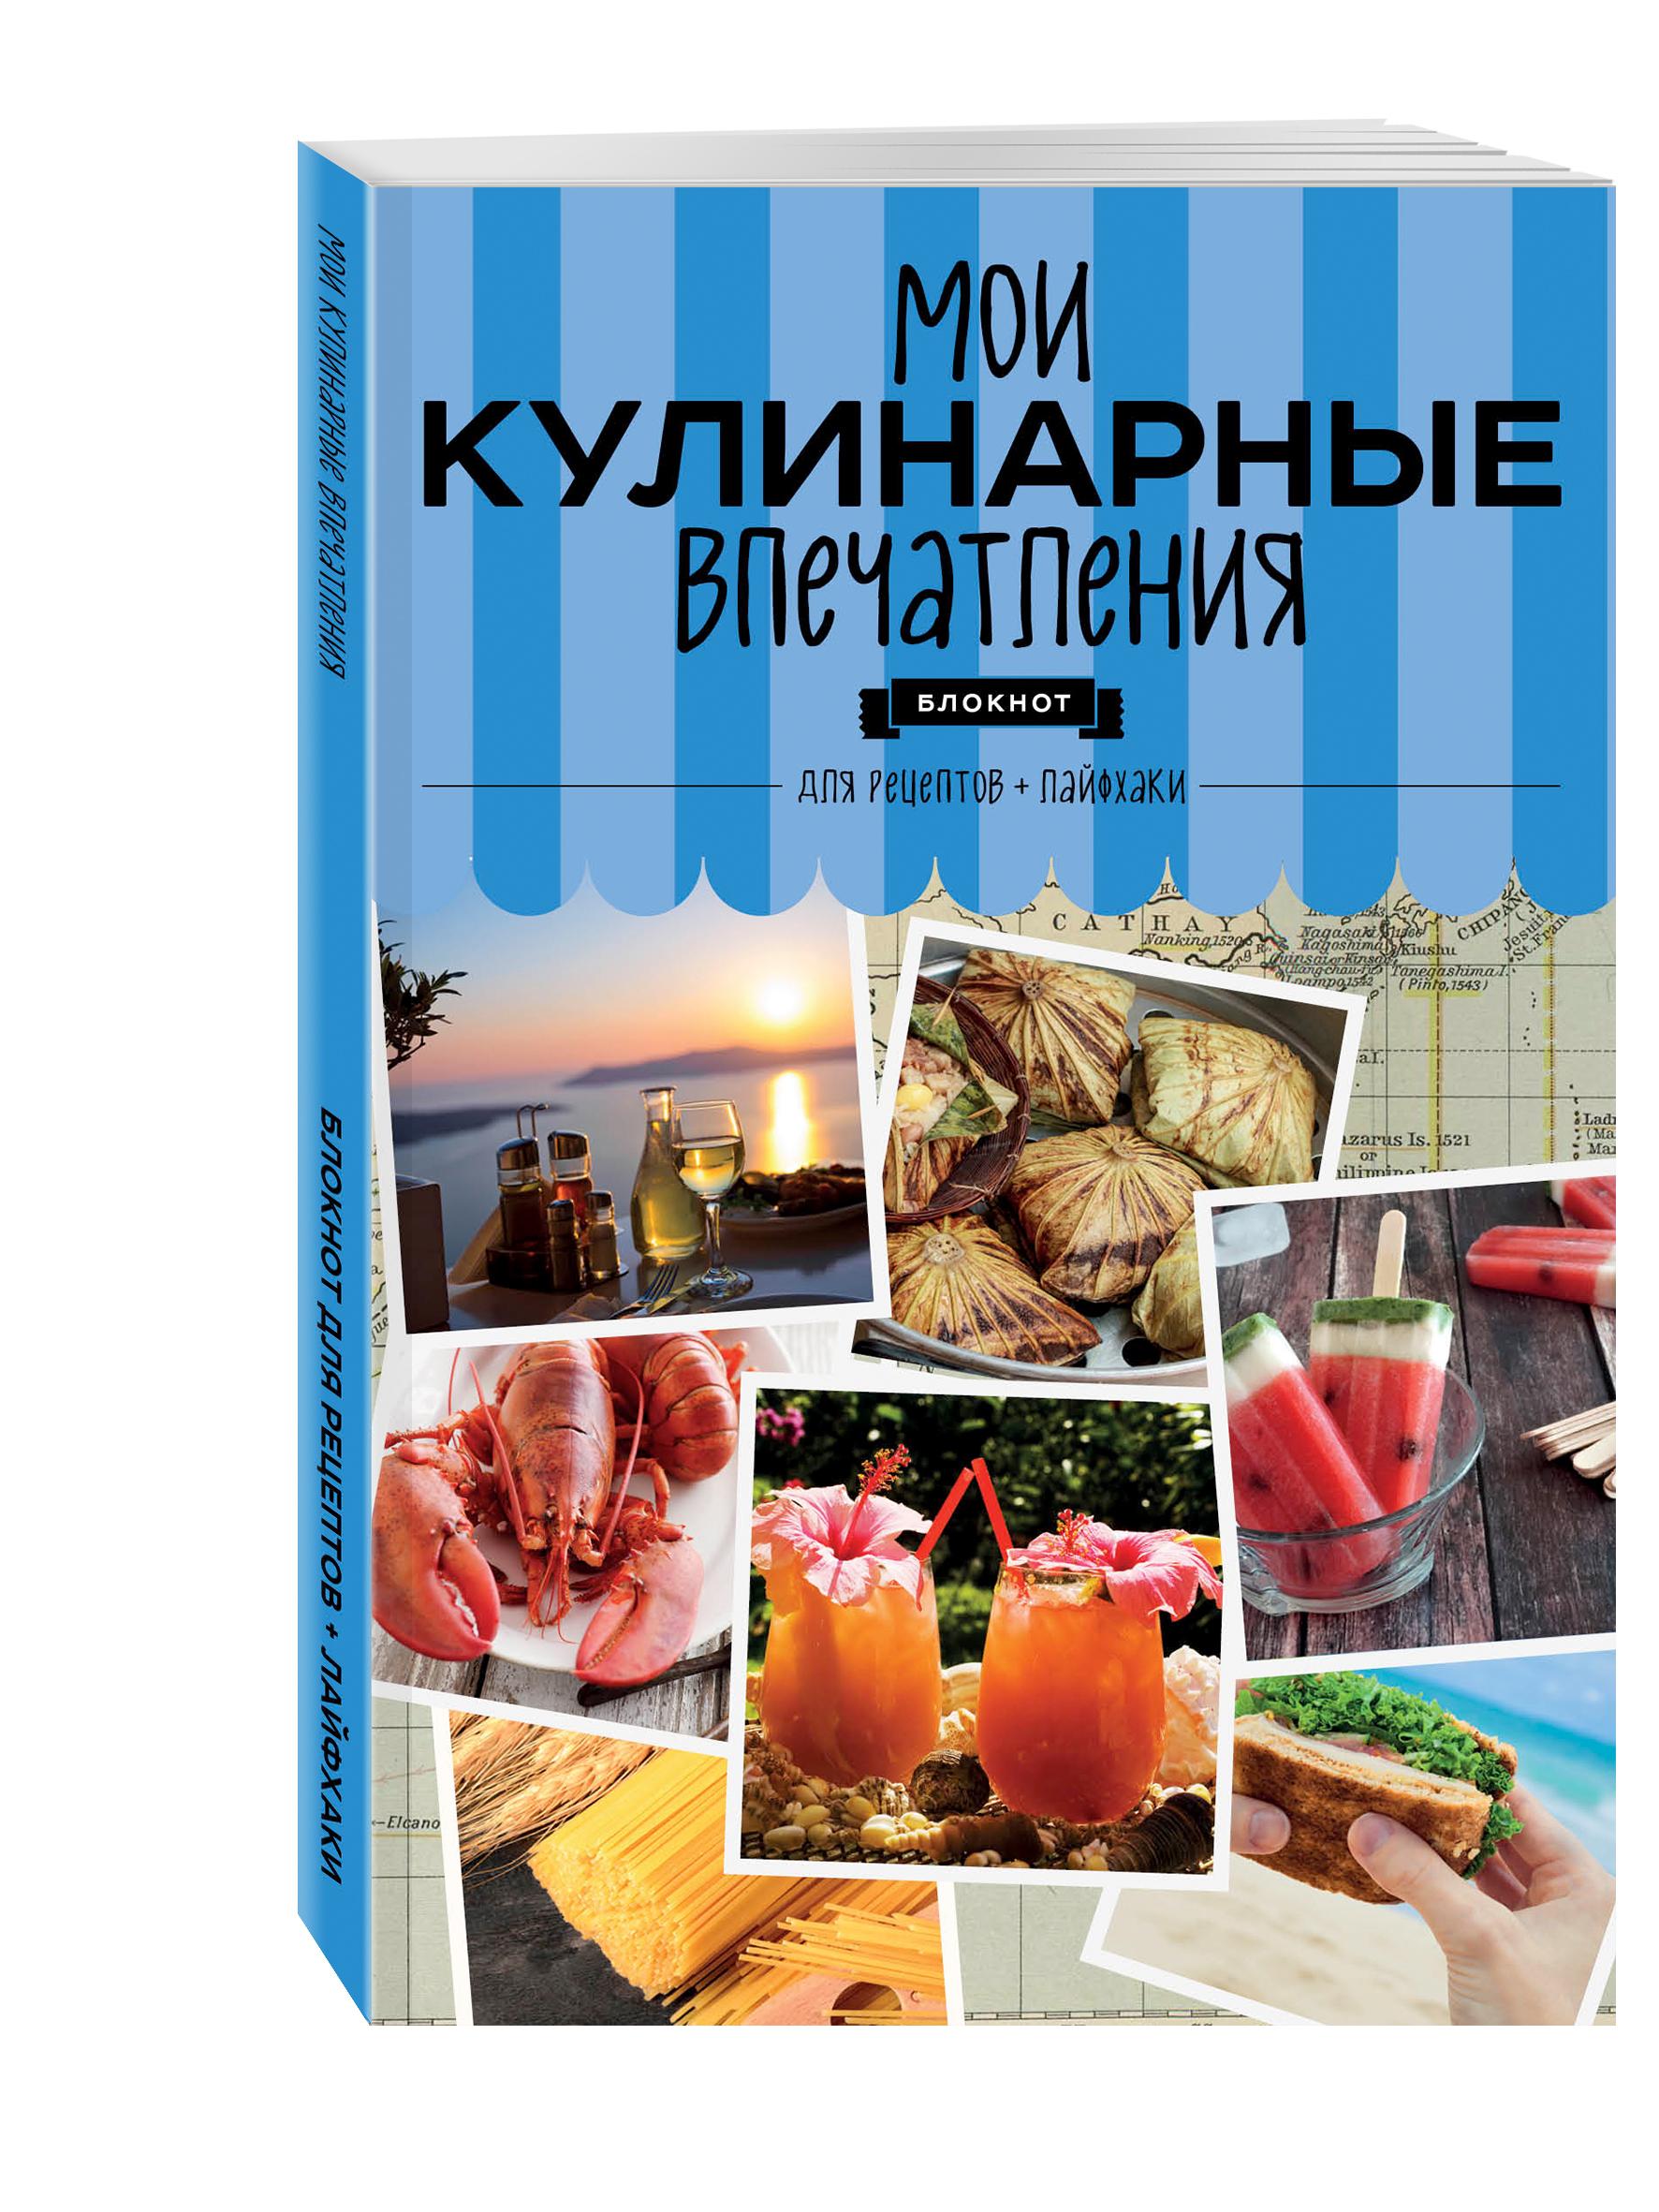 Мои кулинарные впечатления. Блокнот для записи рецептов и лайфхаков (раки) книга рецептов